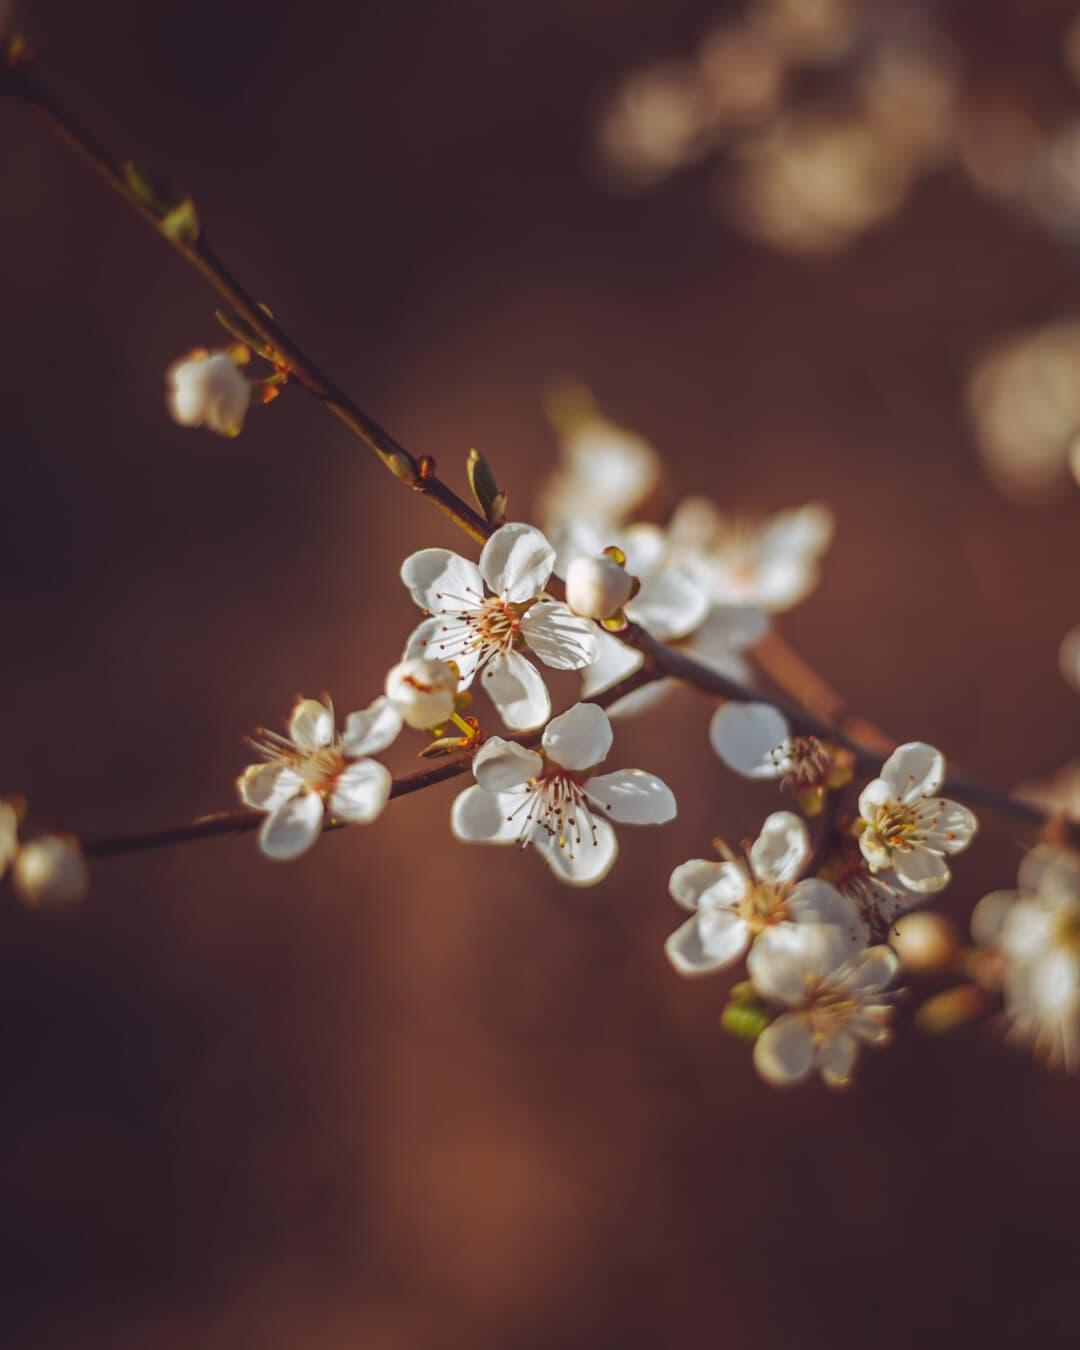 tempo de primavera, pomar, árvore de fruta, foco, flor branca, flor em botão, árvore, ameixa, natureza, flor